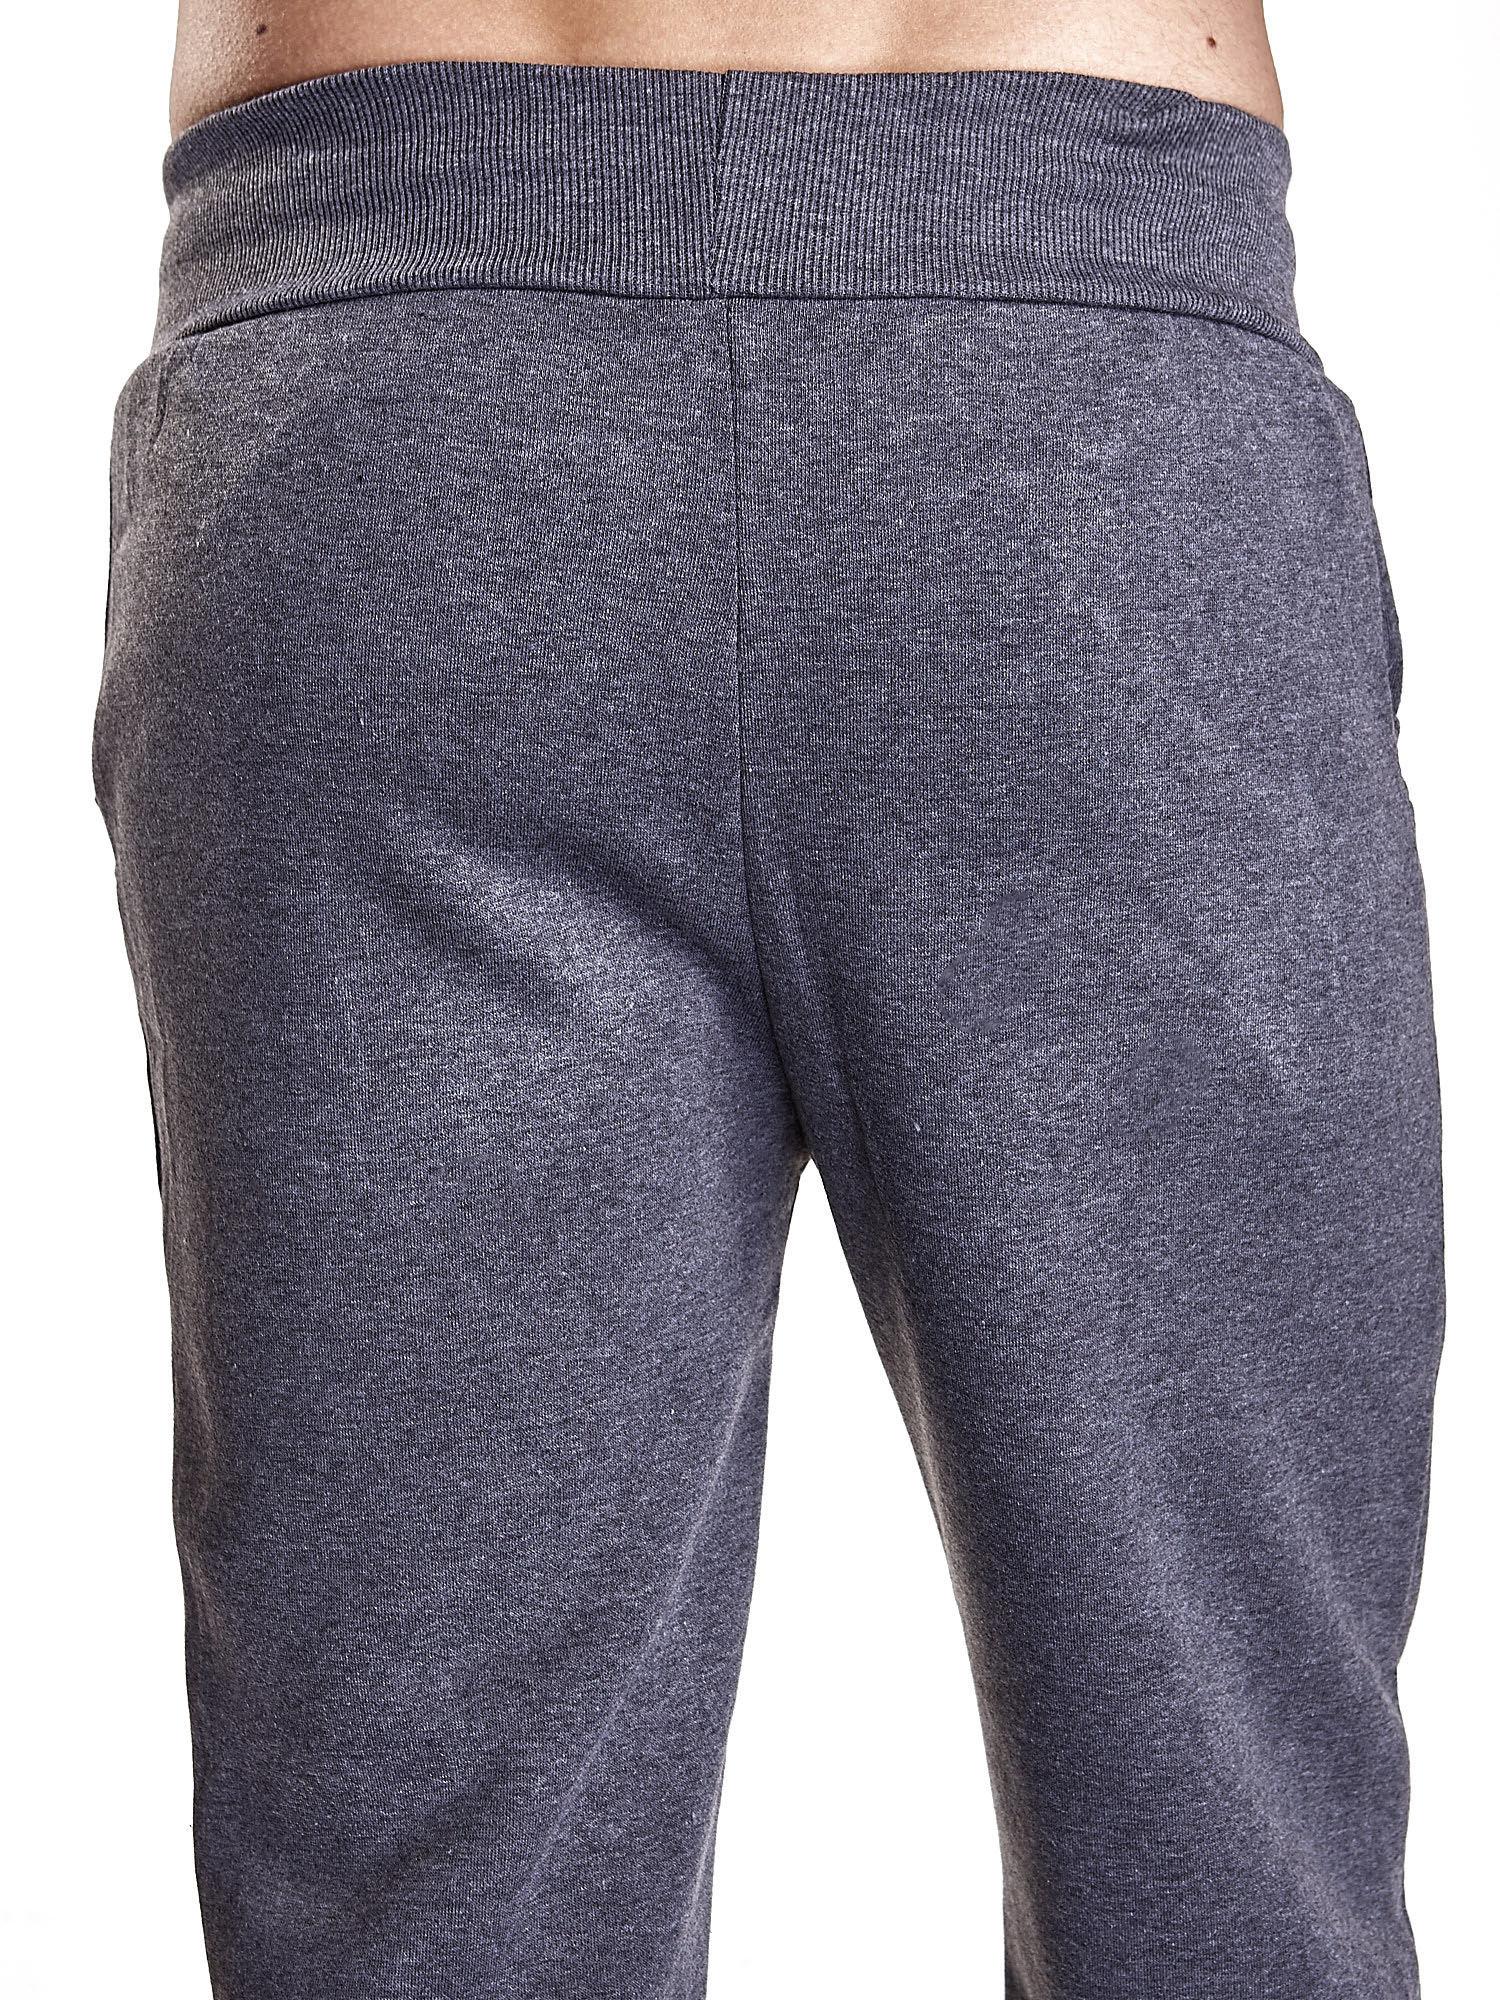 Ciemnoszare dresowe spodnie męskie z trokami w pasie i kieszeniami                                  zdj.                                  6